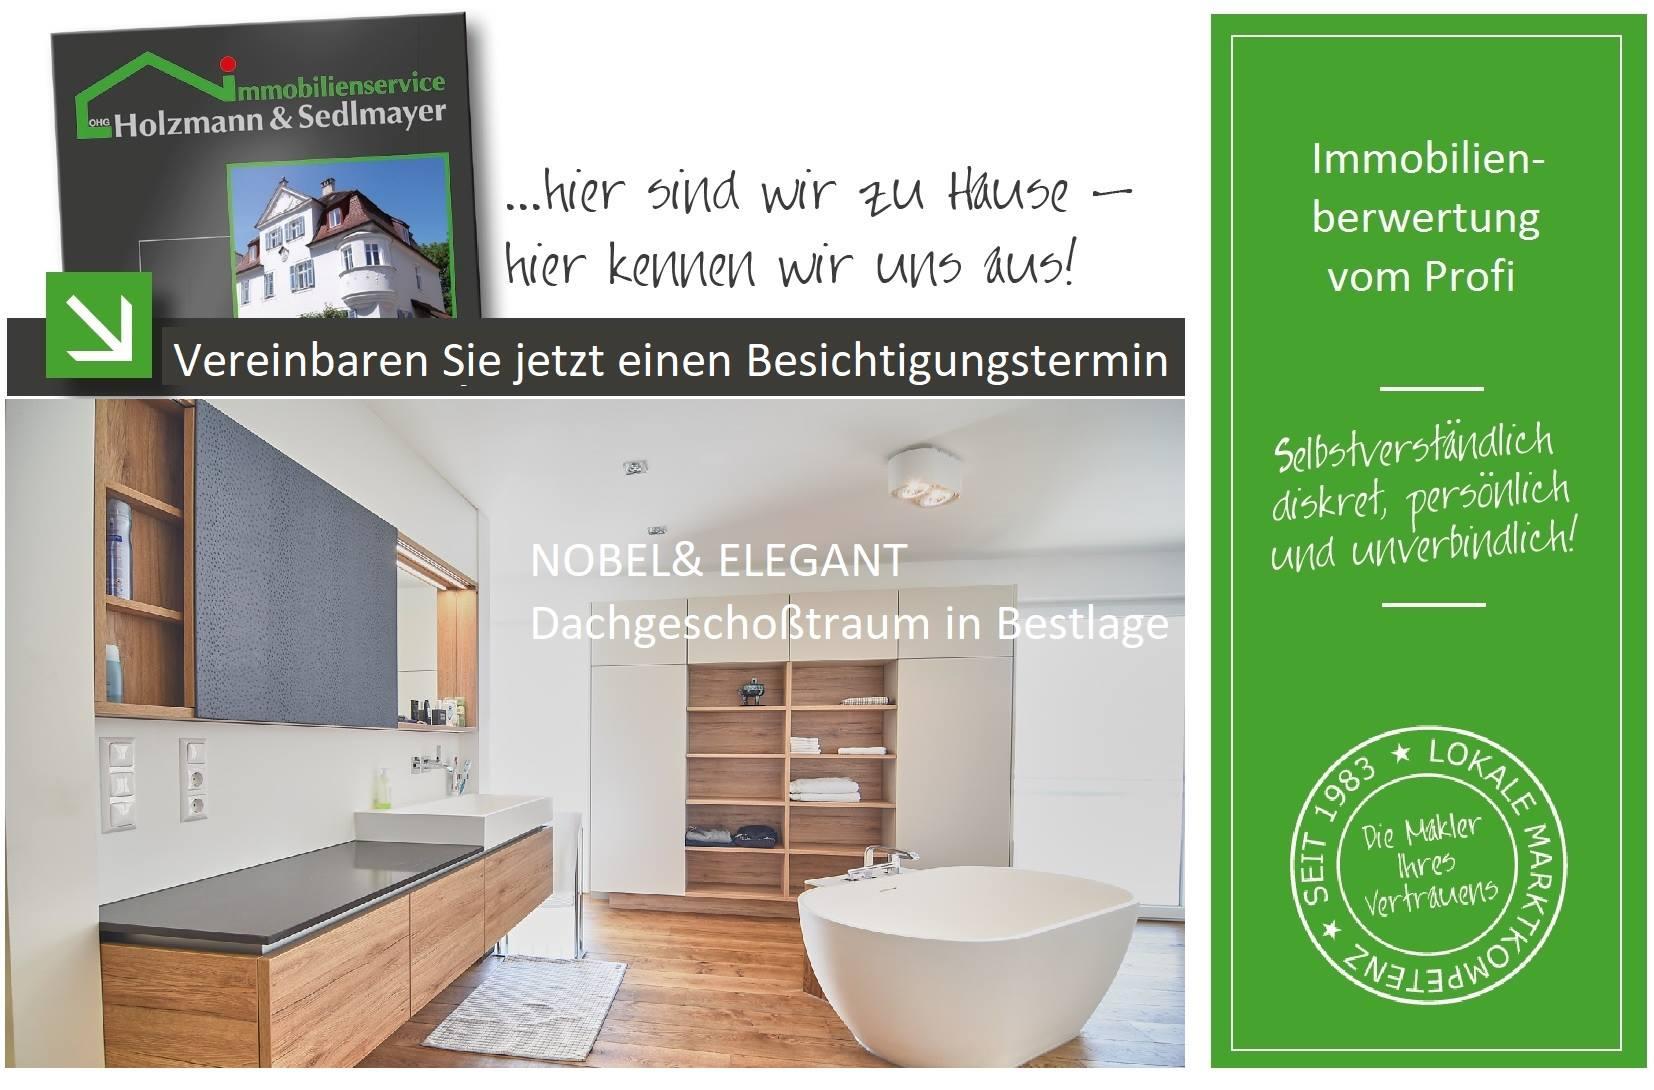 Holzmann & Sedlmayer OHG